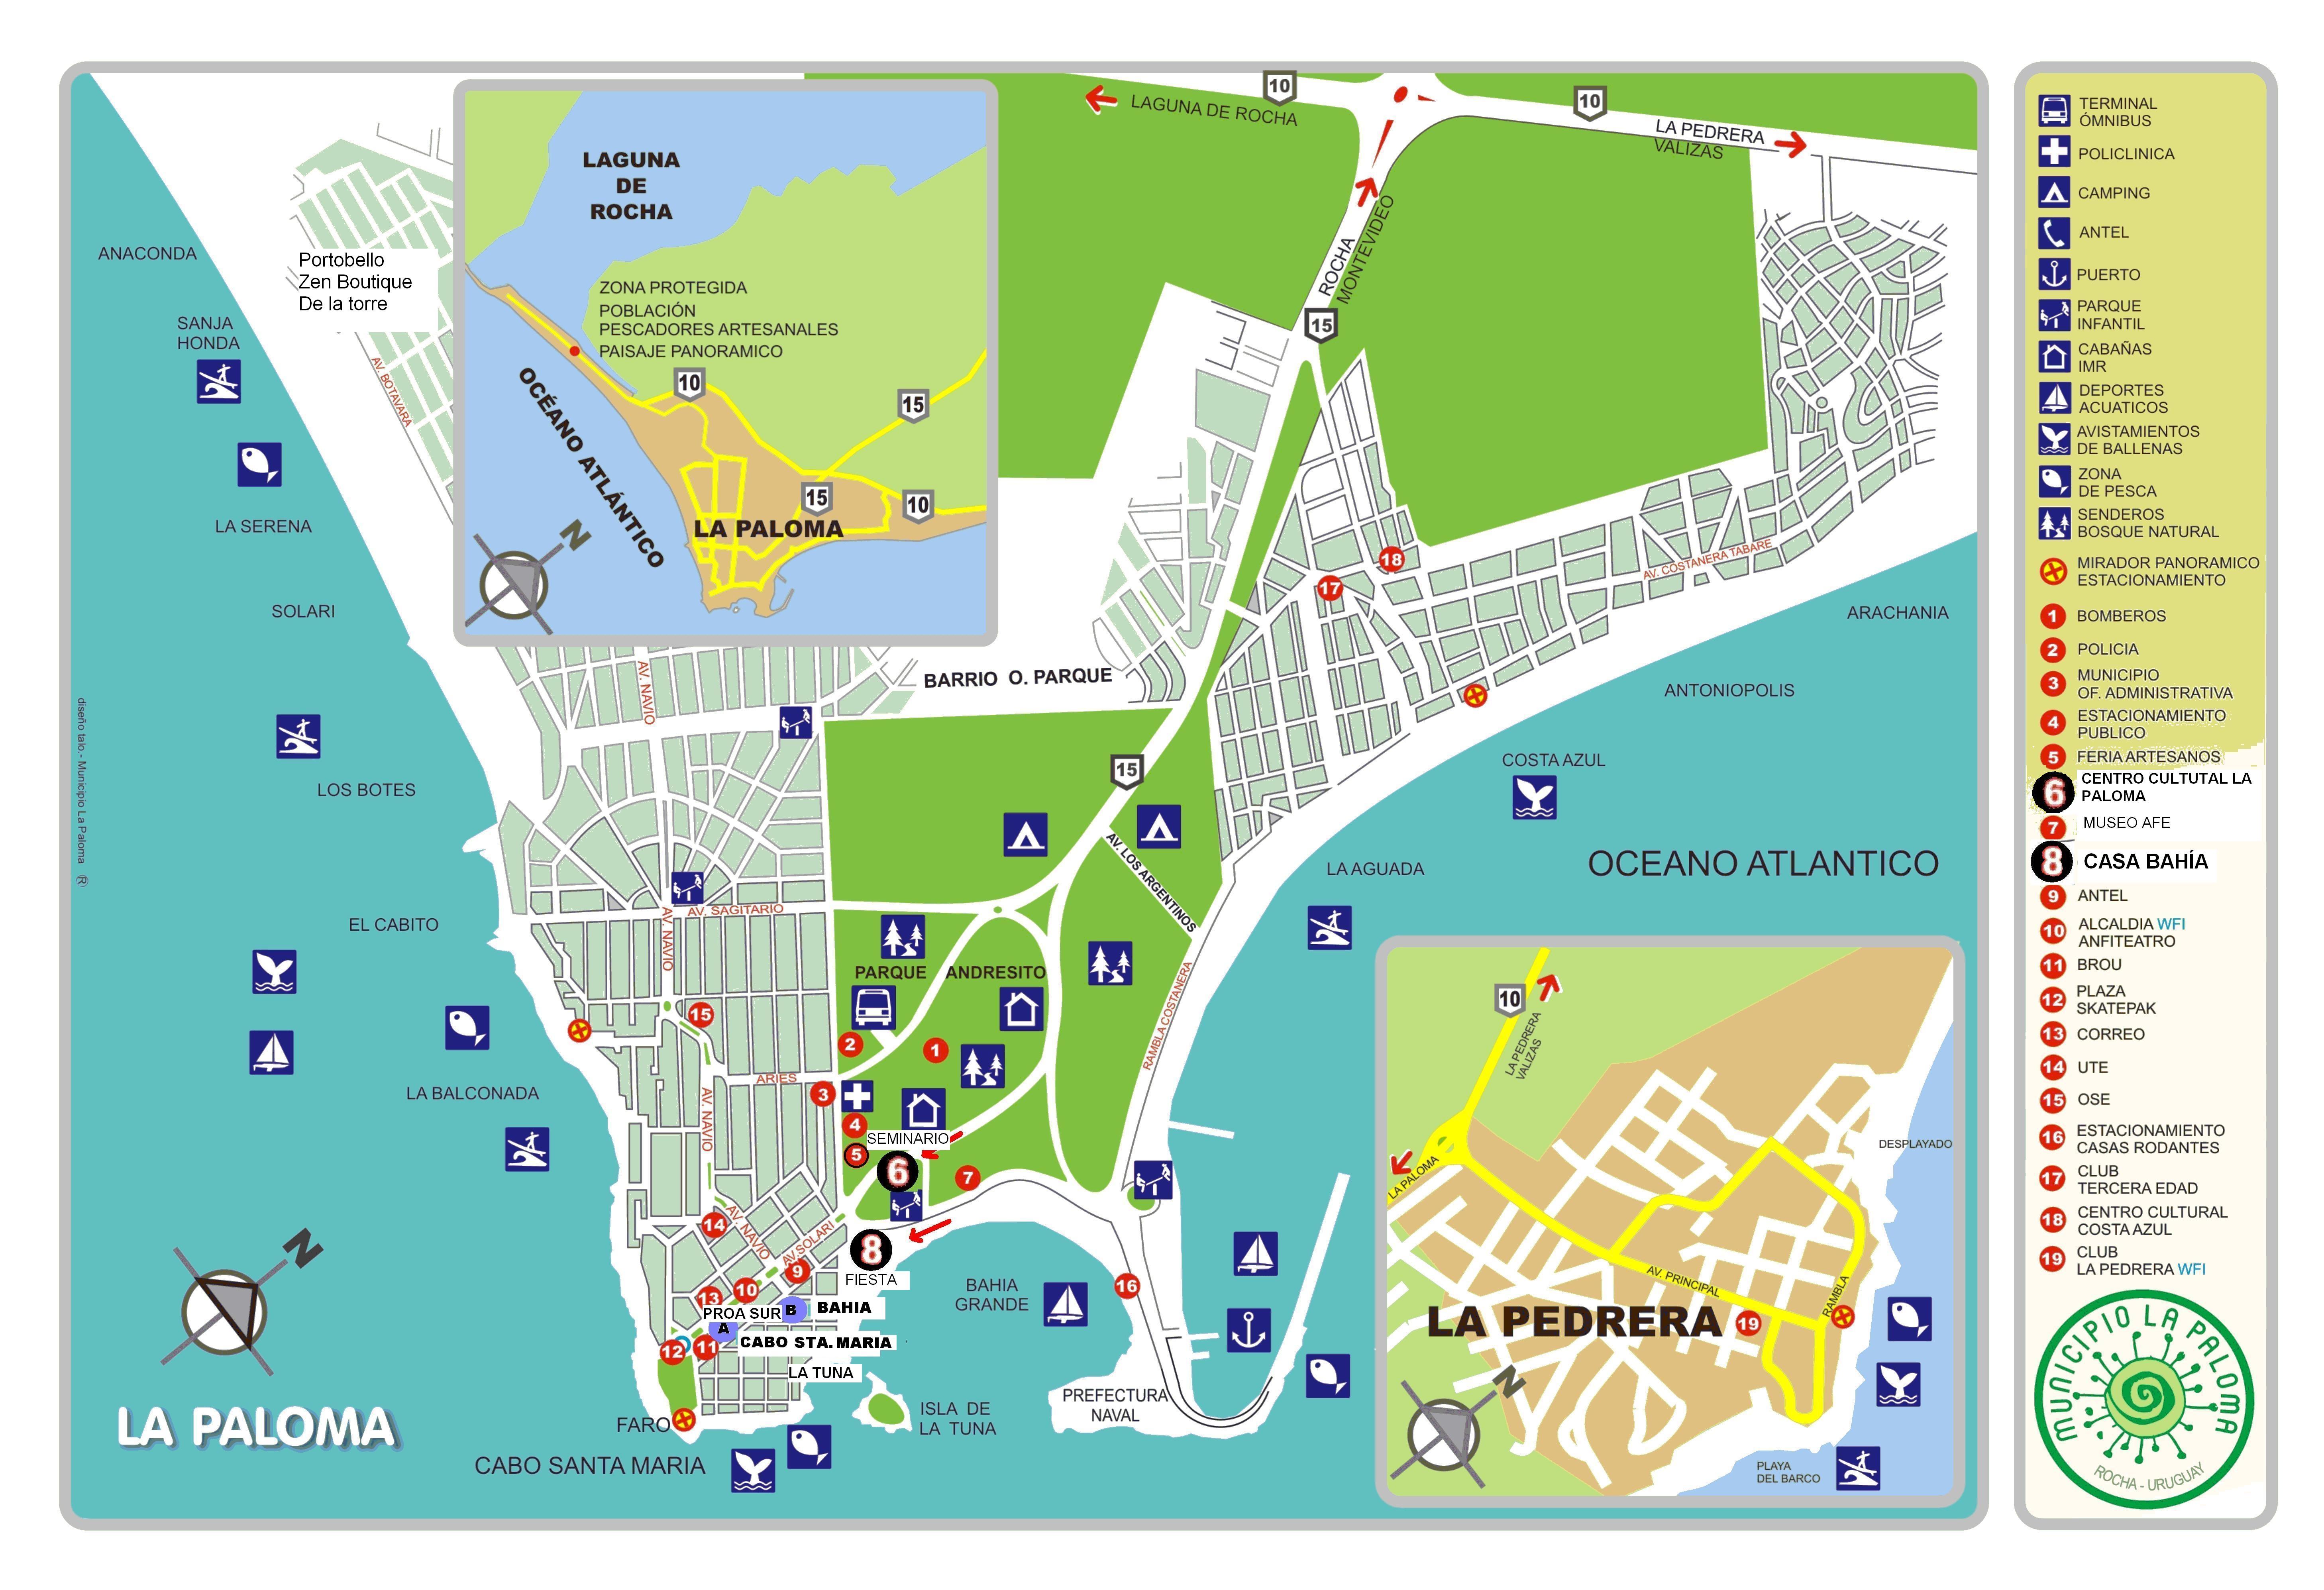 Ver aquí mapa de La Paloma con la ubicación de los mencionados hospedajes.